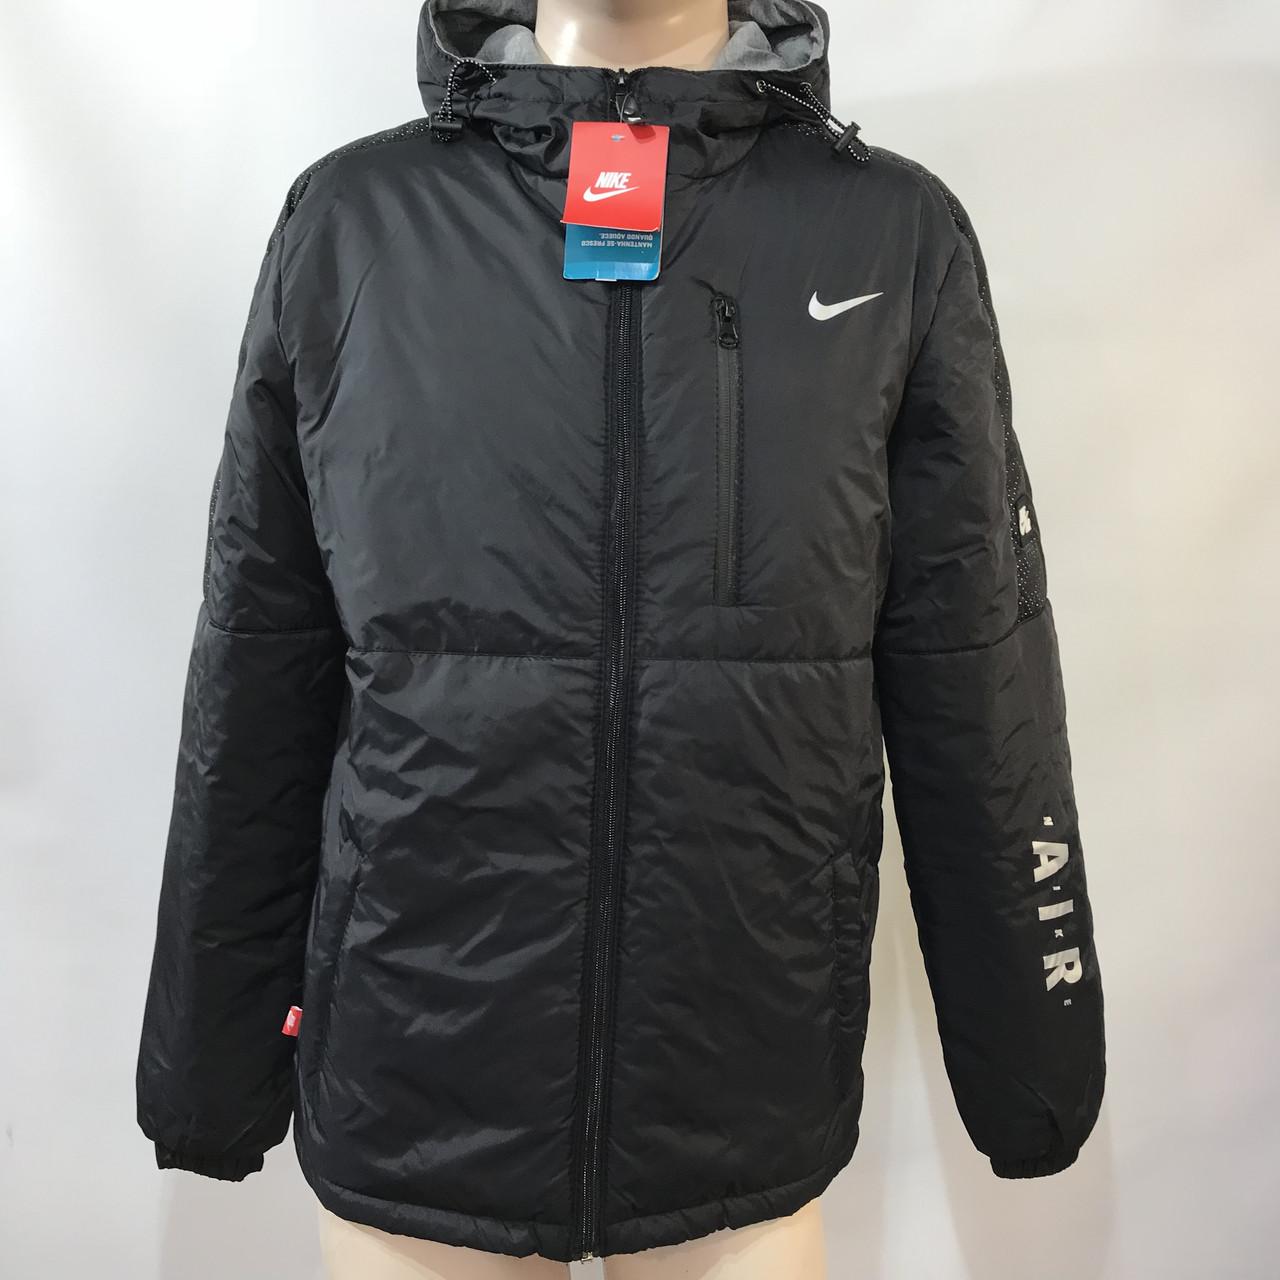 Ветровка мужская Nike / реплика черная